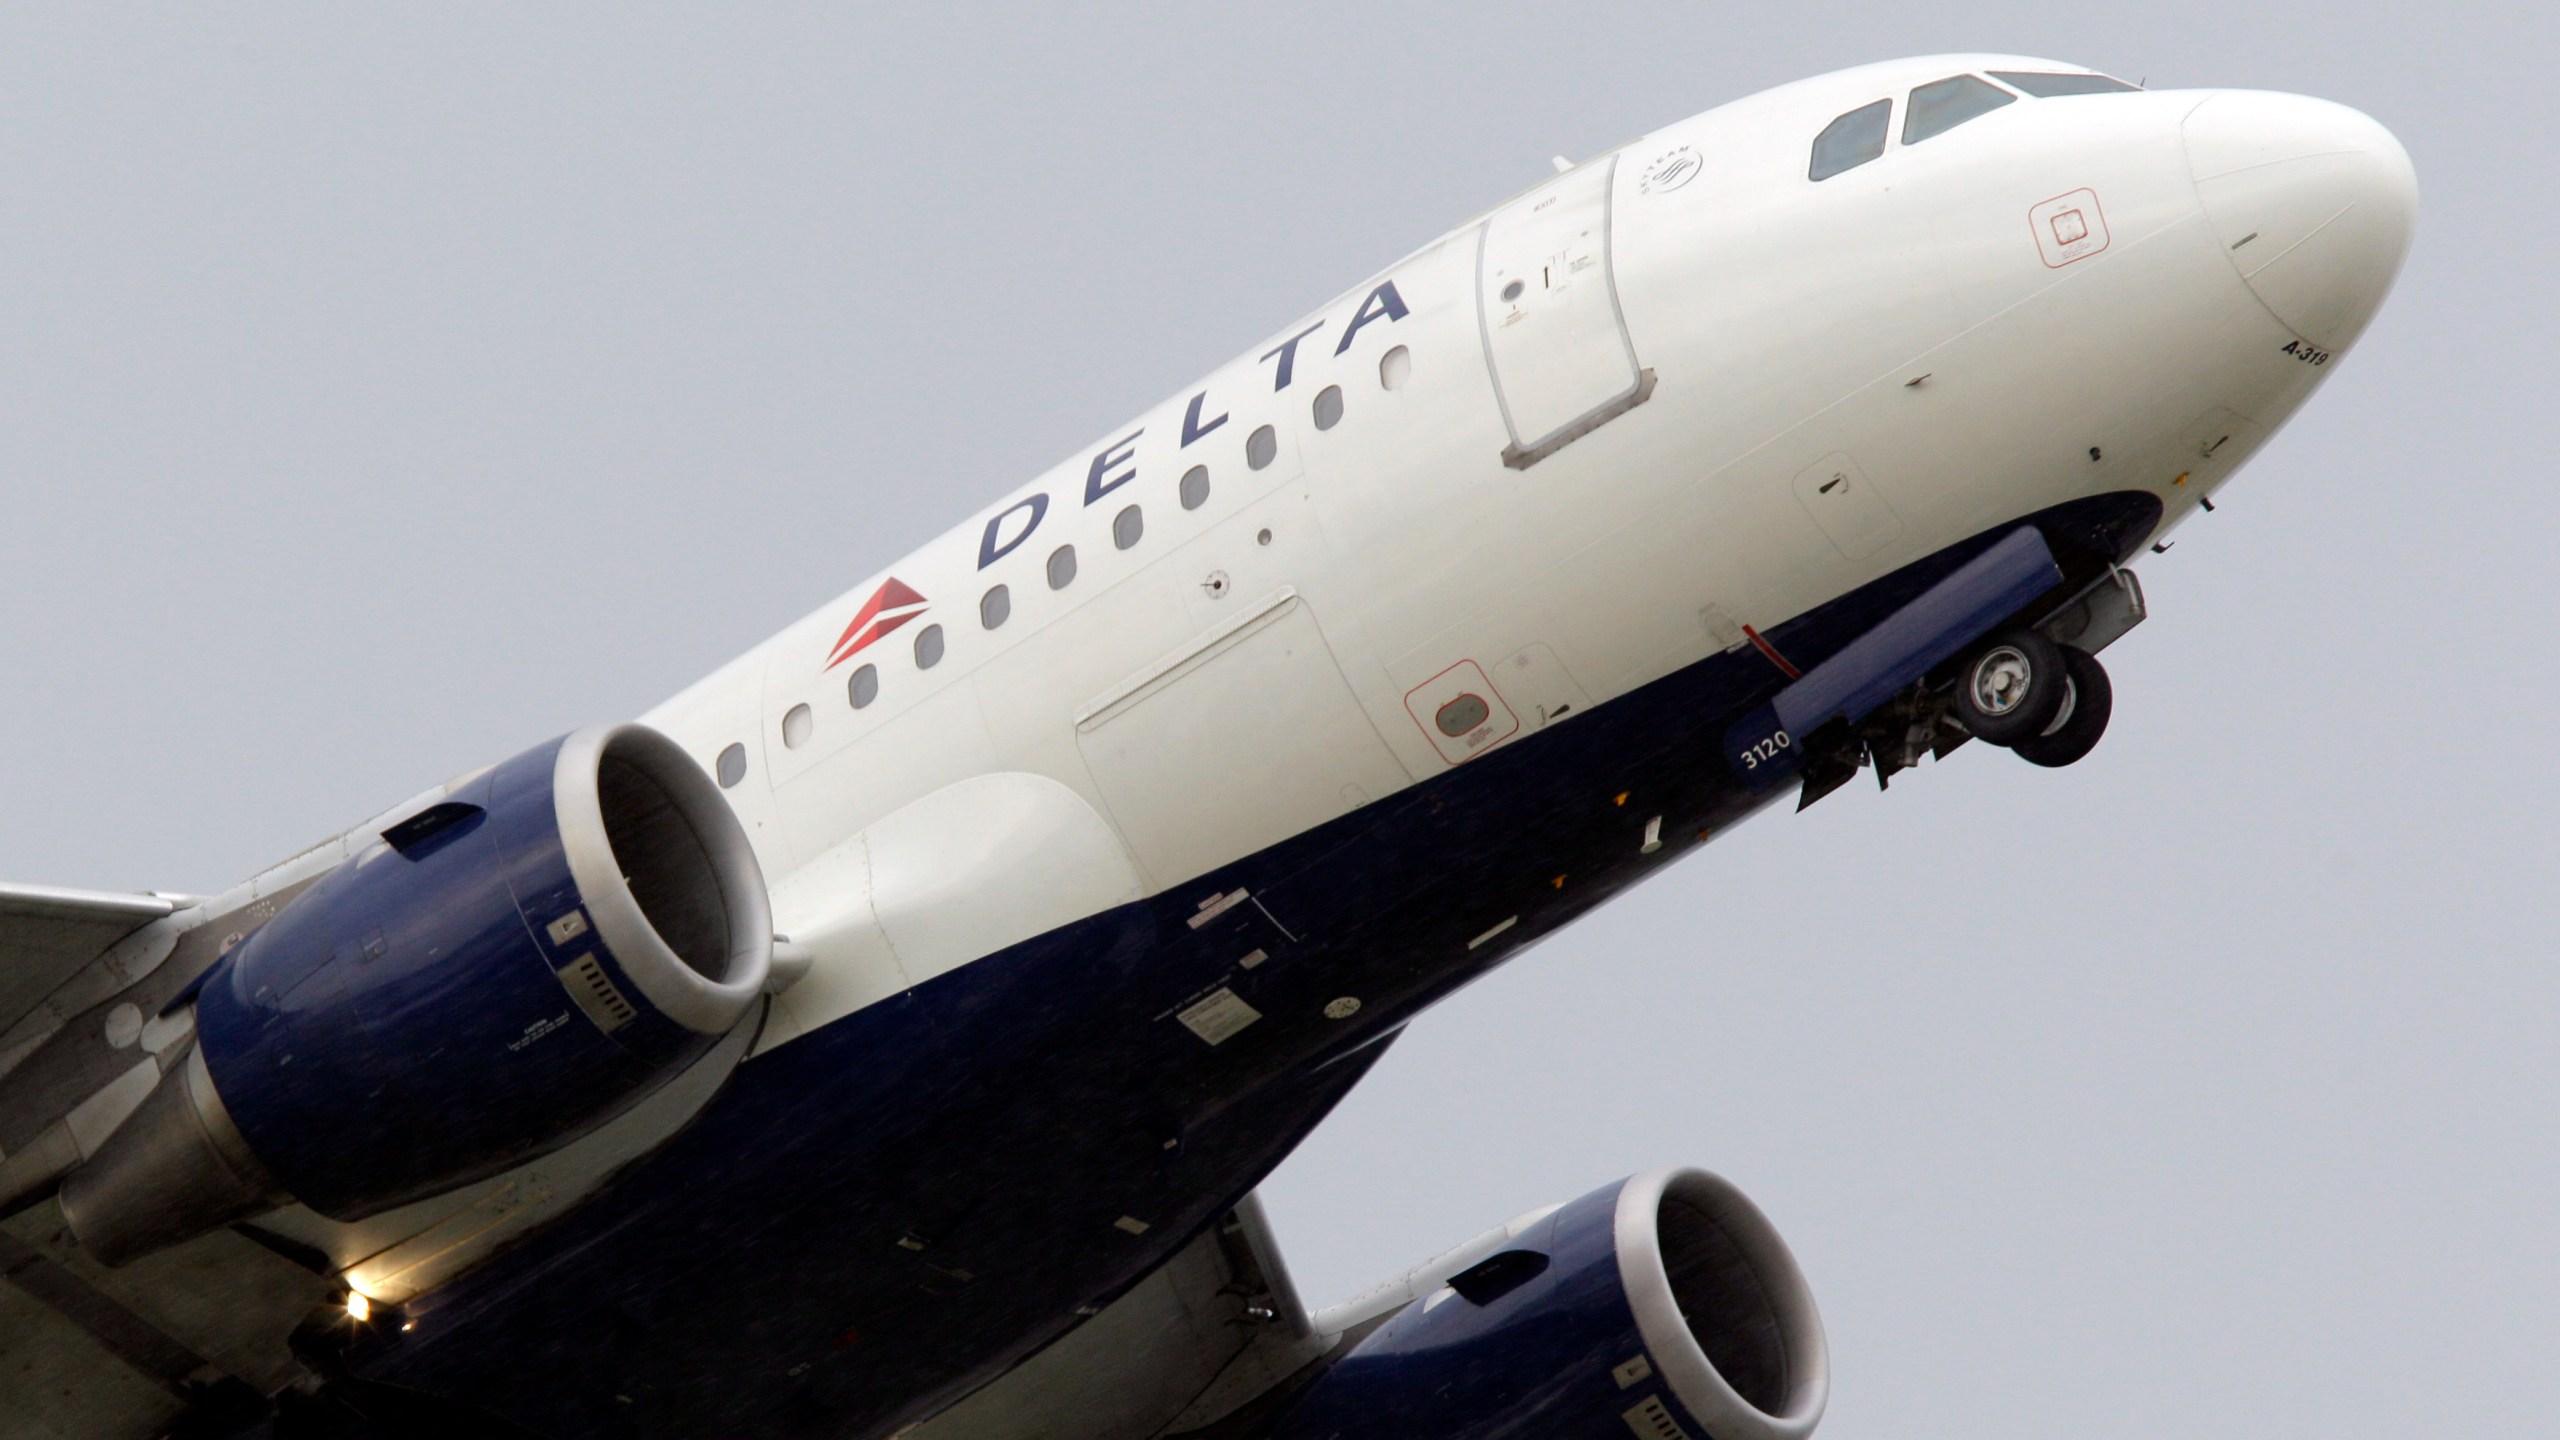 Earns Delta Air Lines_1545851768741-842137442